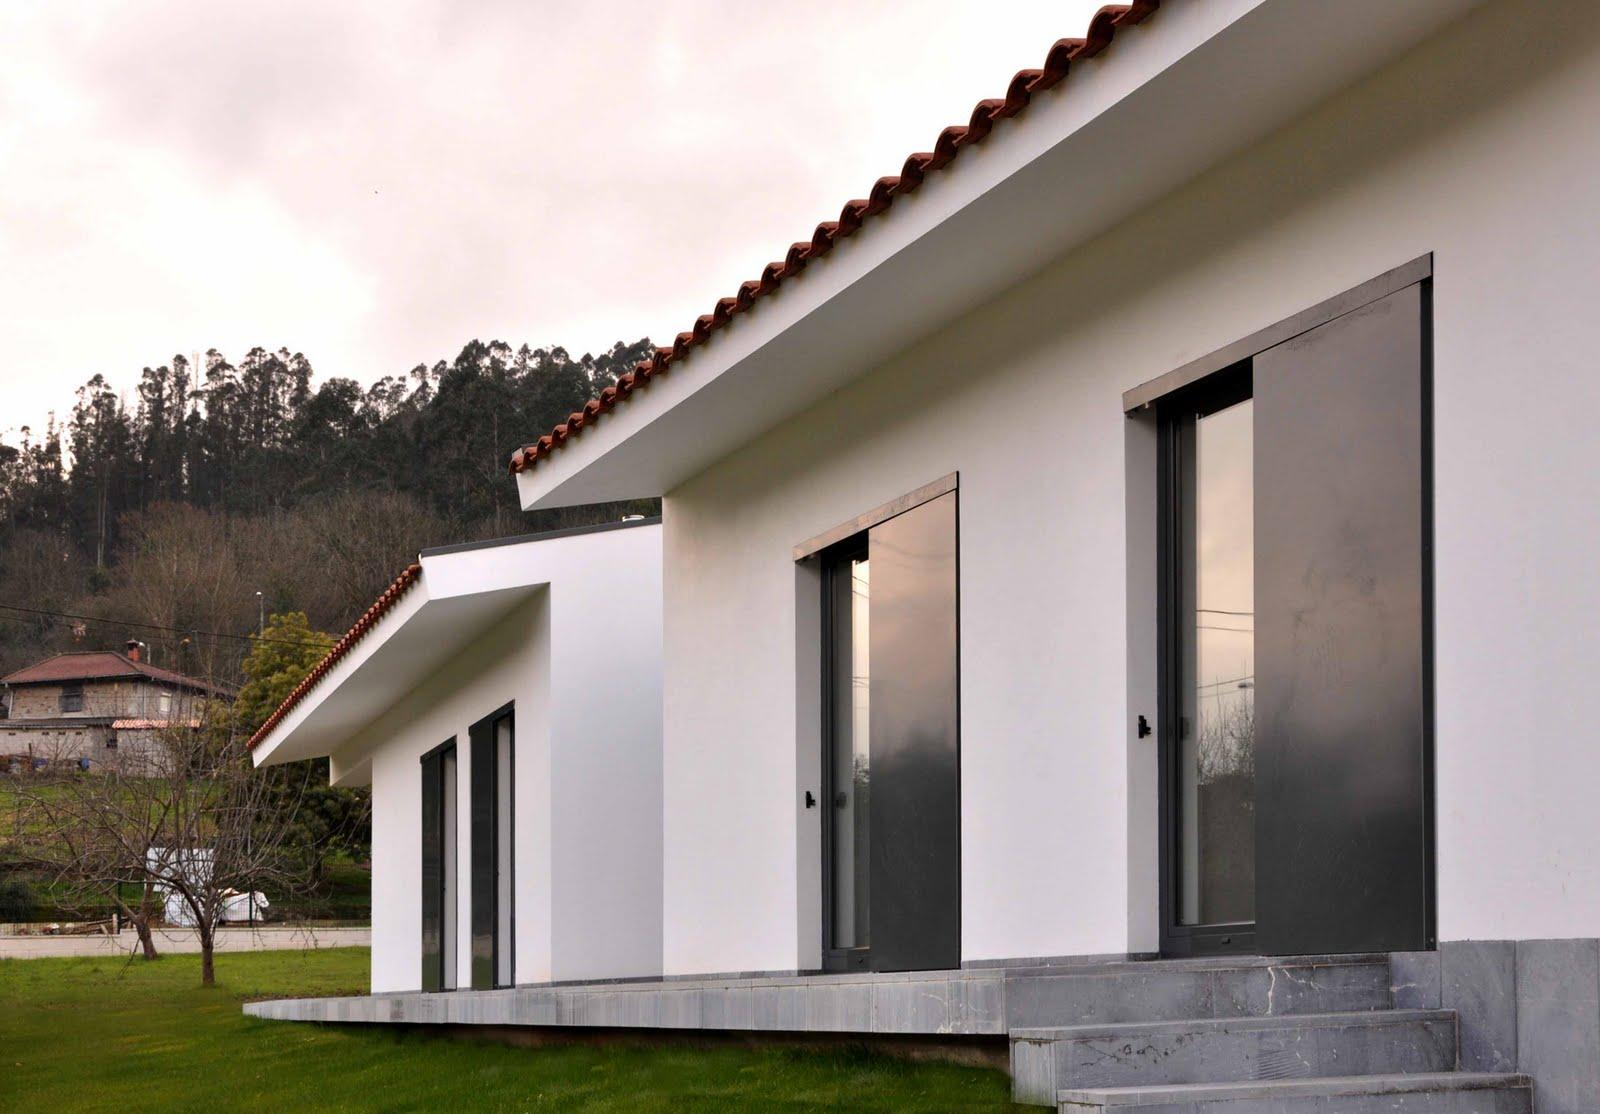 Arquitectura arquidea vivienda unifamiliar en sandiche for Vivienda arquitectura